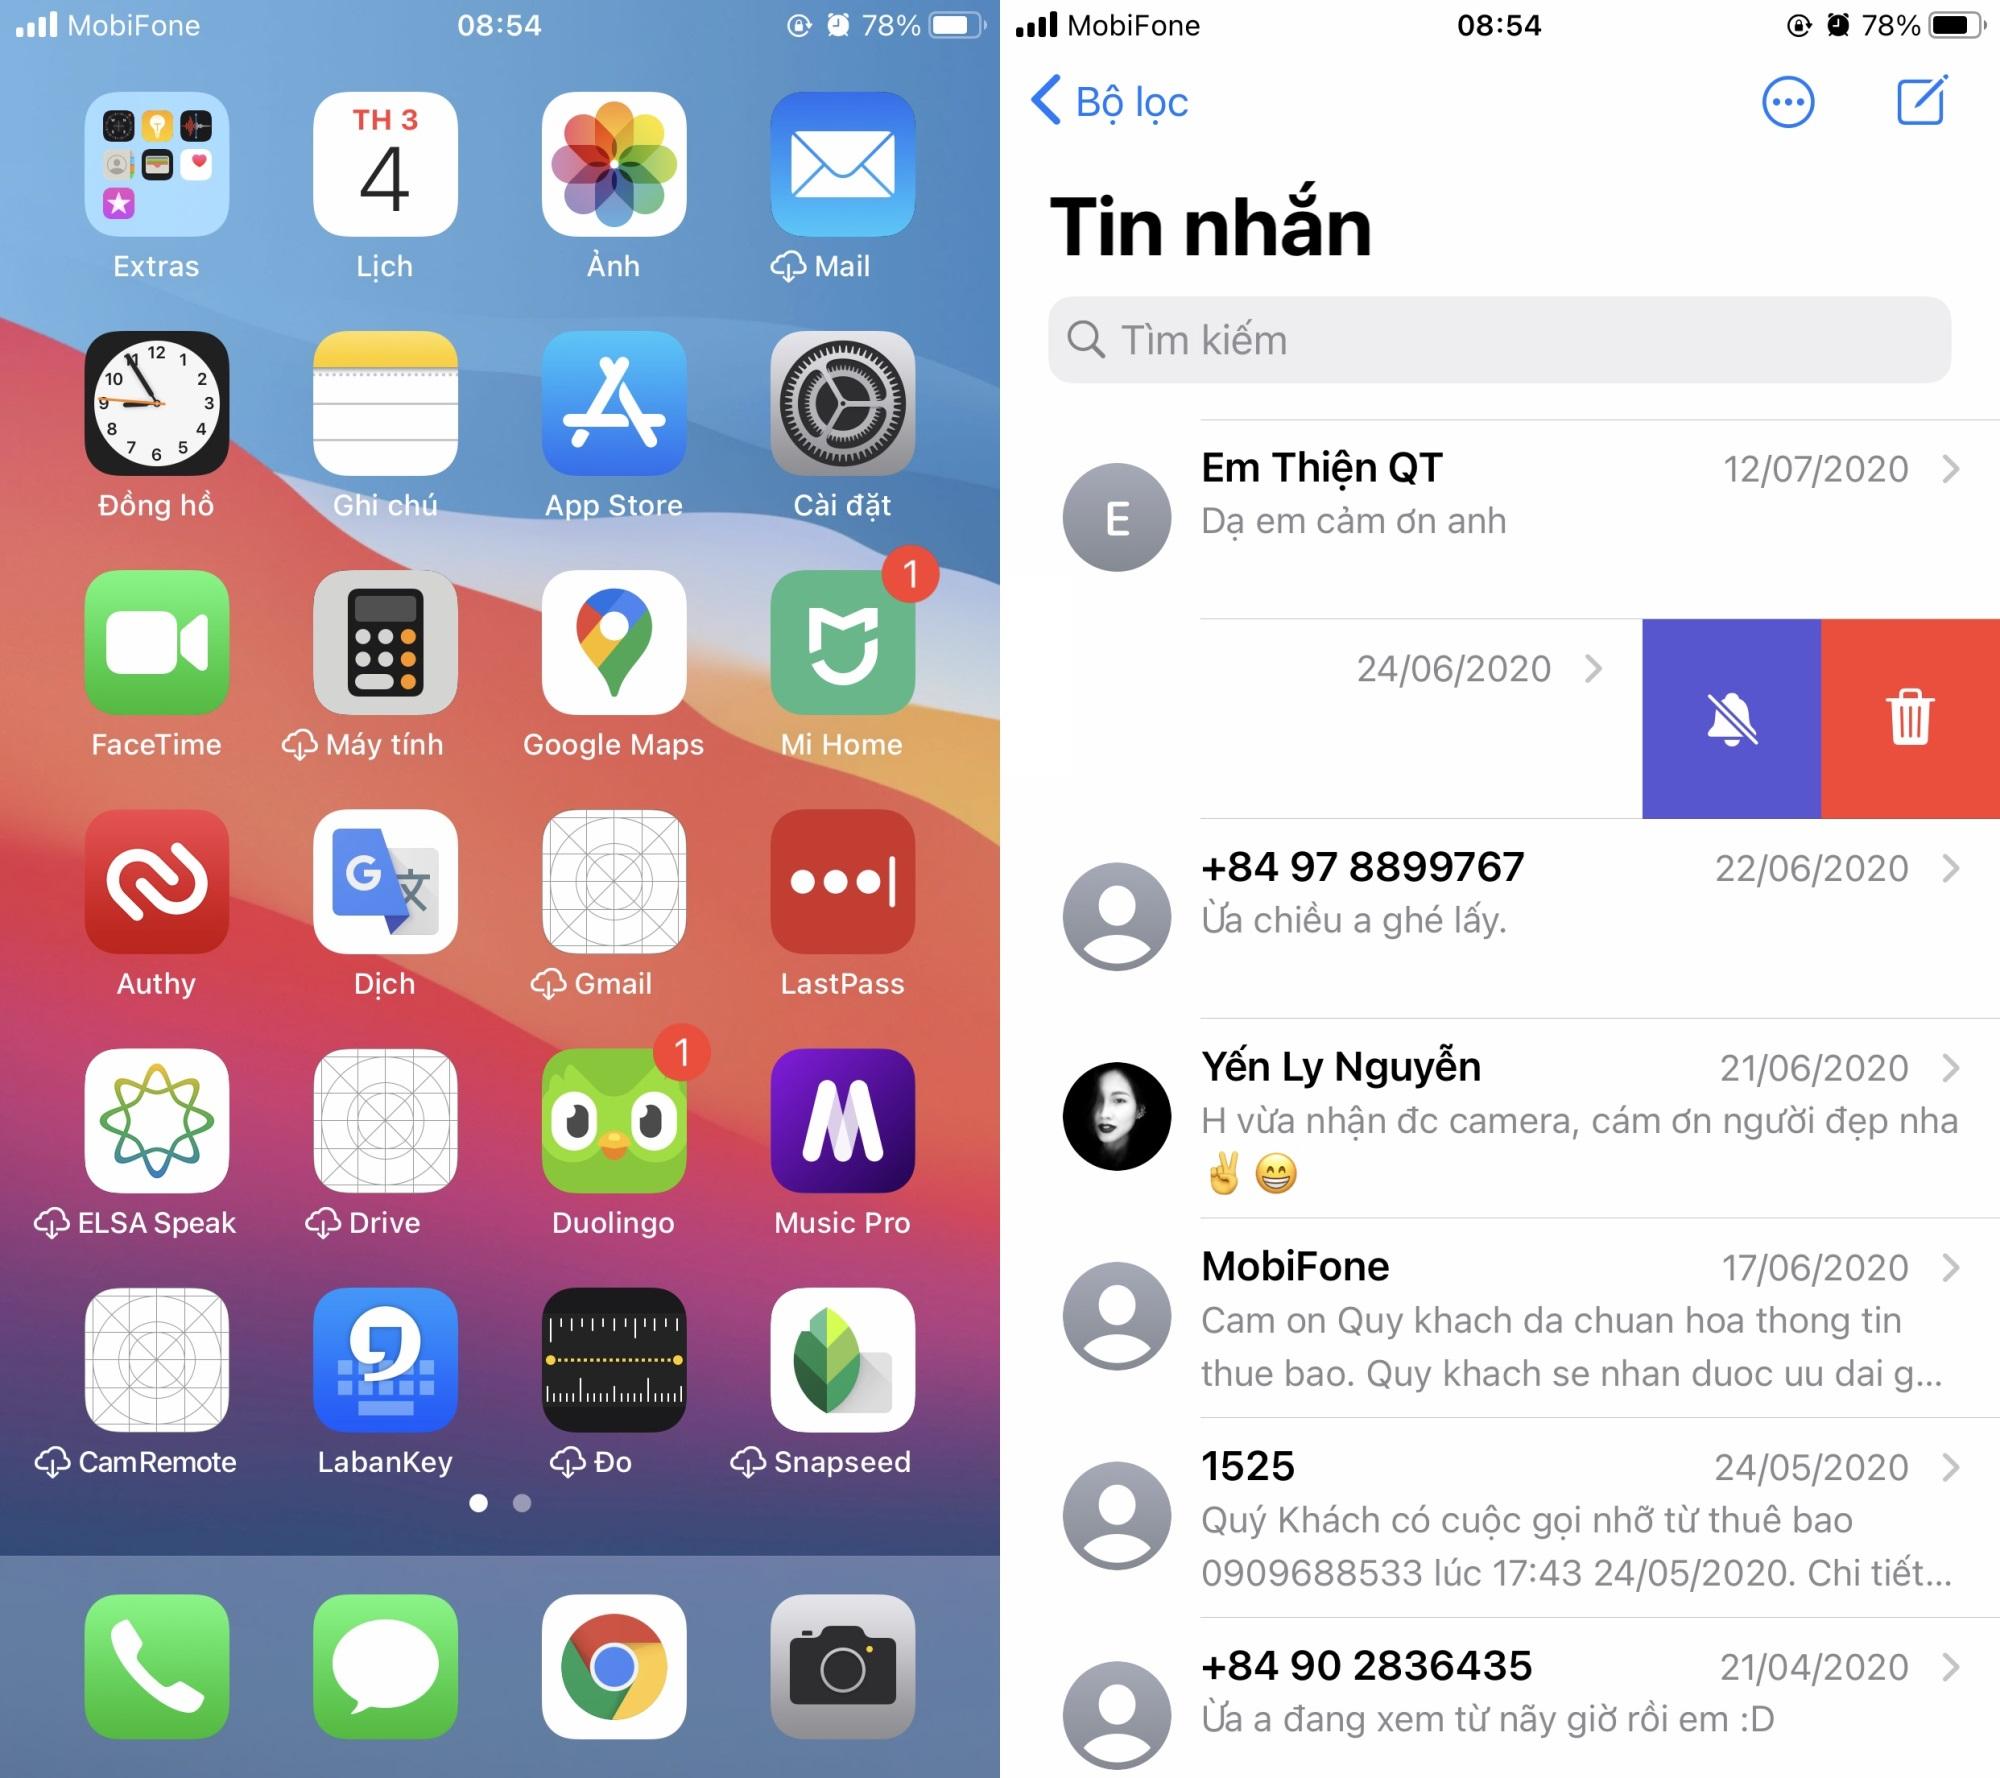 Cách chặn tin nhắn rác hiệu quả trên iMessage